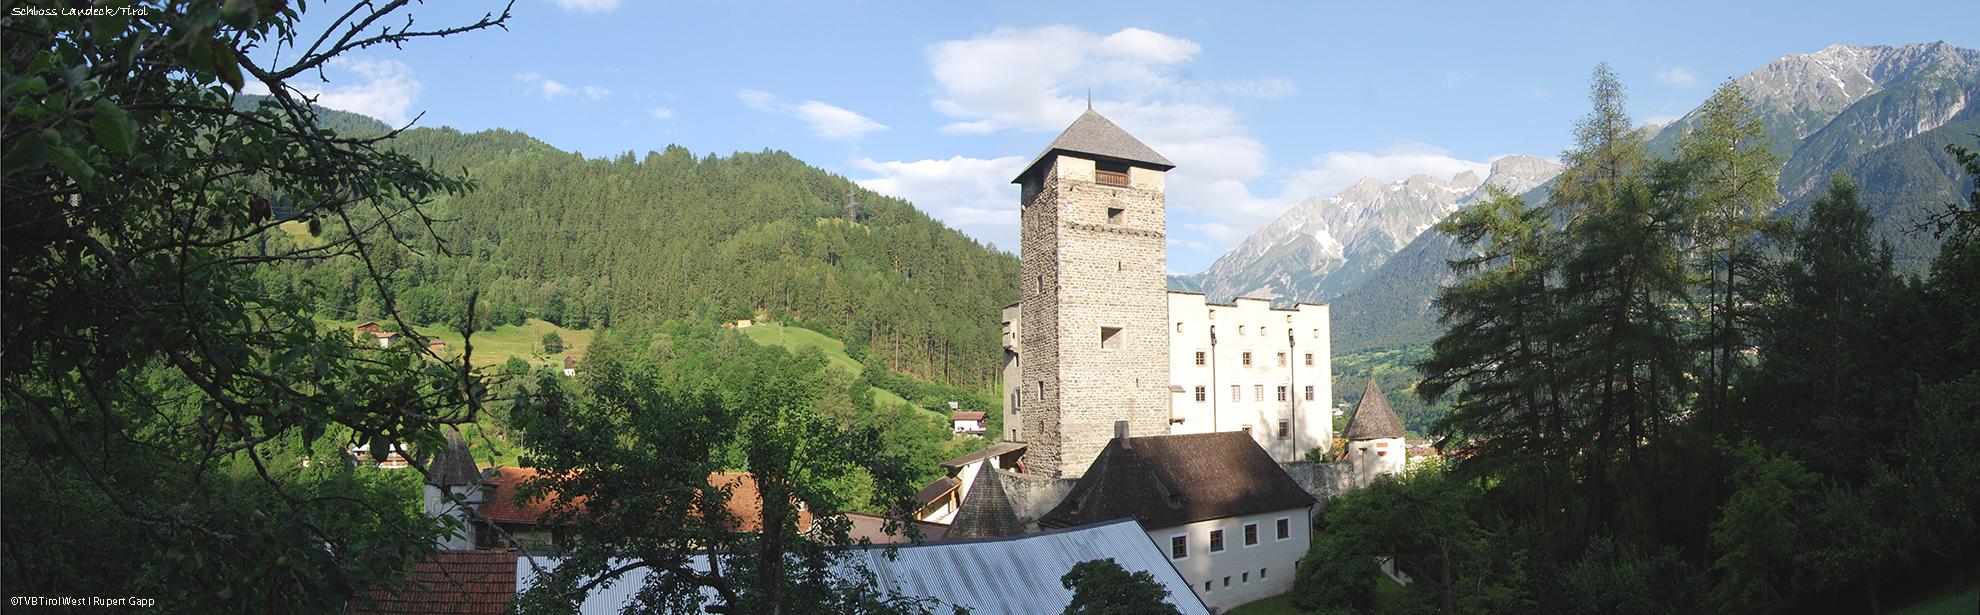 OsportArchiv-TVB-TirolWest-Rupert-Gapp_Schloss-Landeck